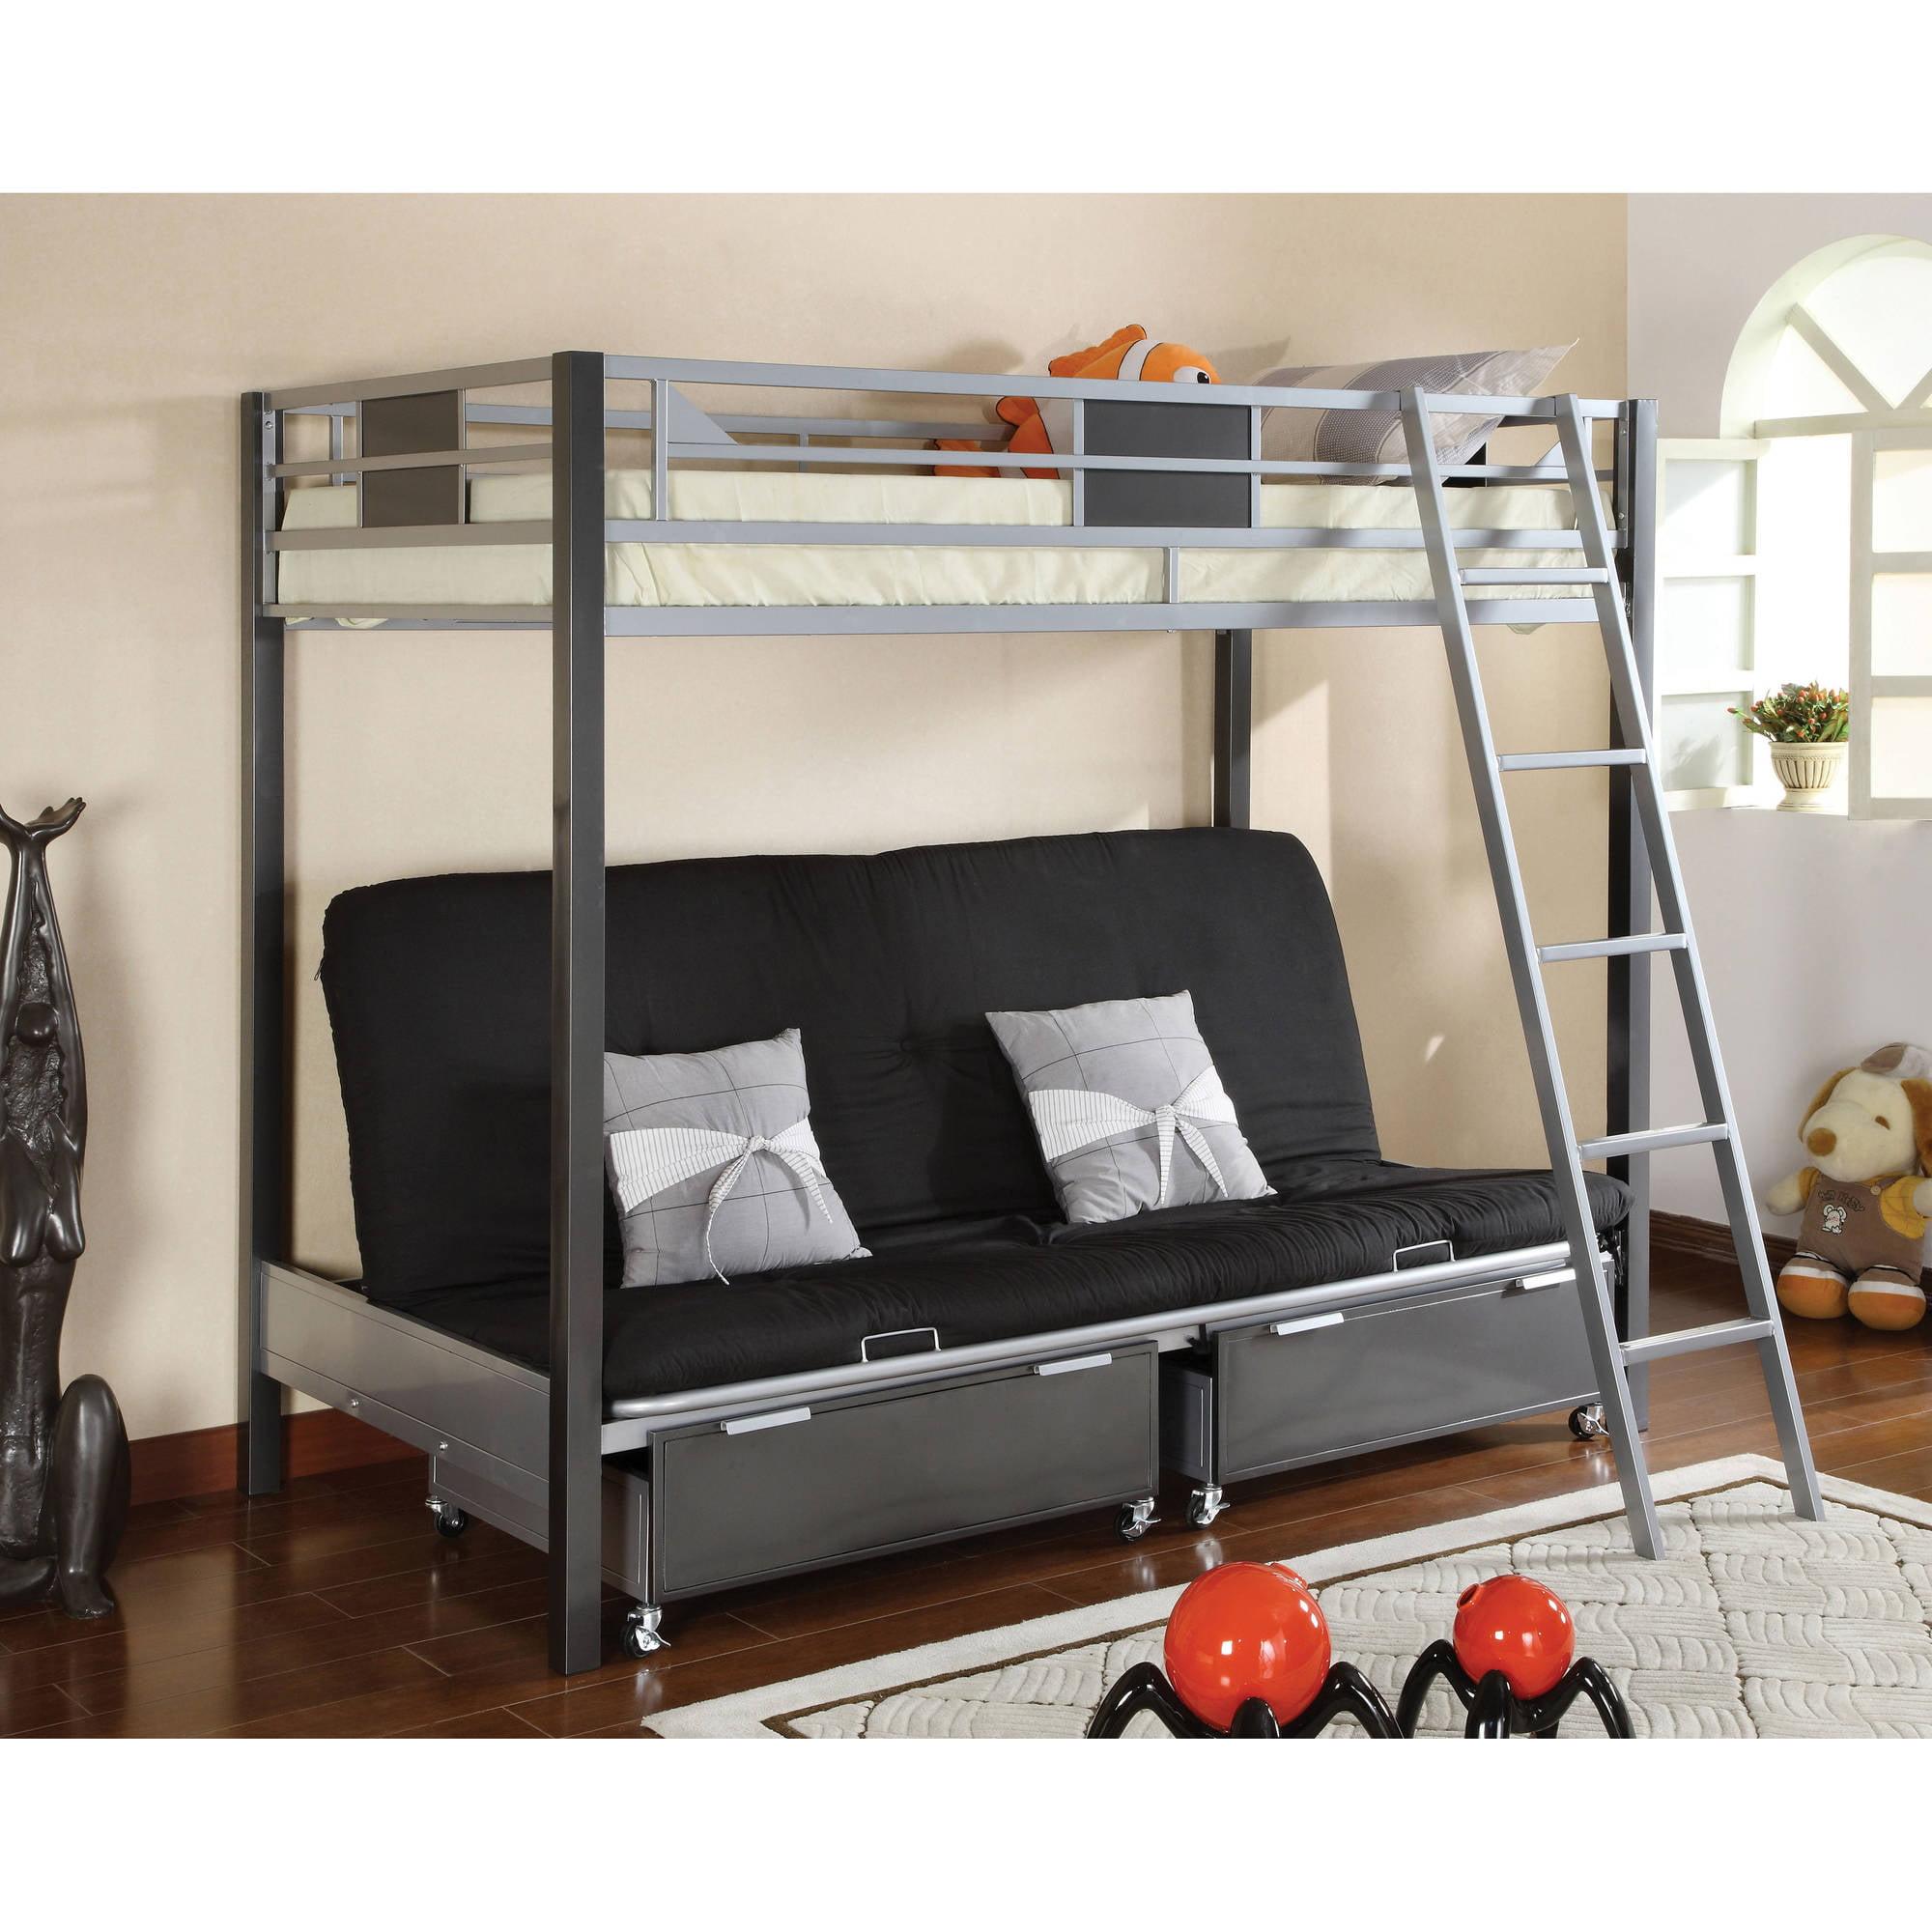 Furniture of America Dasonia Twin Over Futon Metal Bunk Bed, Silver/Gunmetal